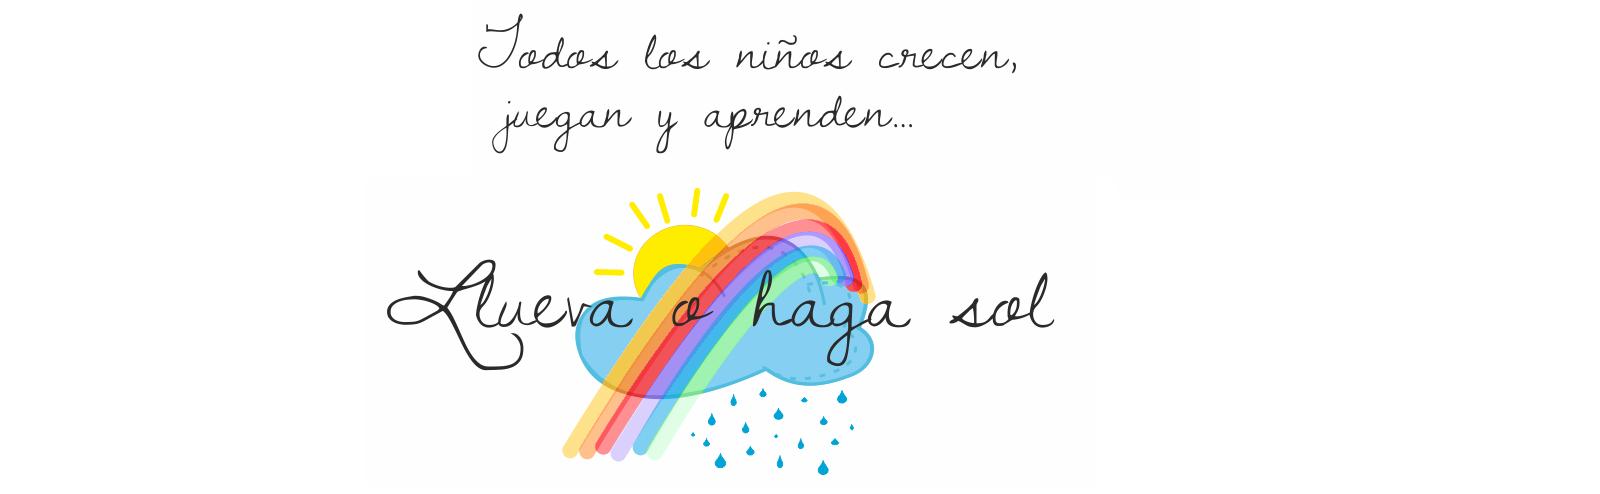 lluevaohagasol_cabecera_sin_borde